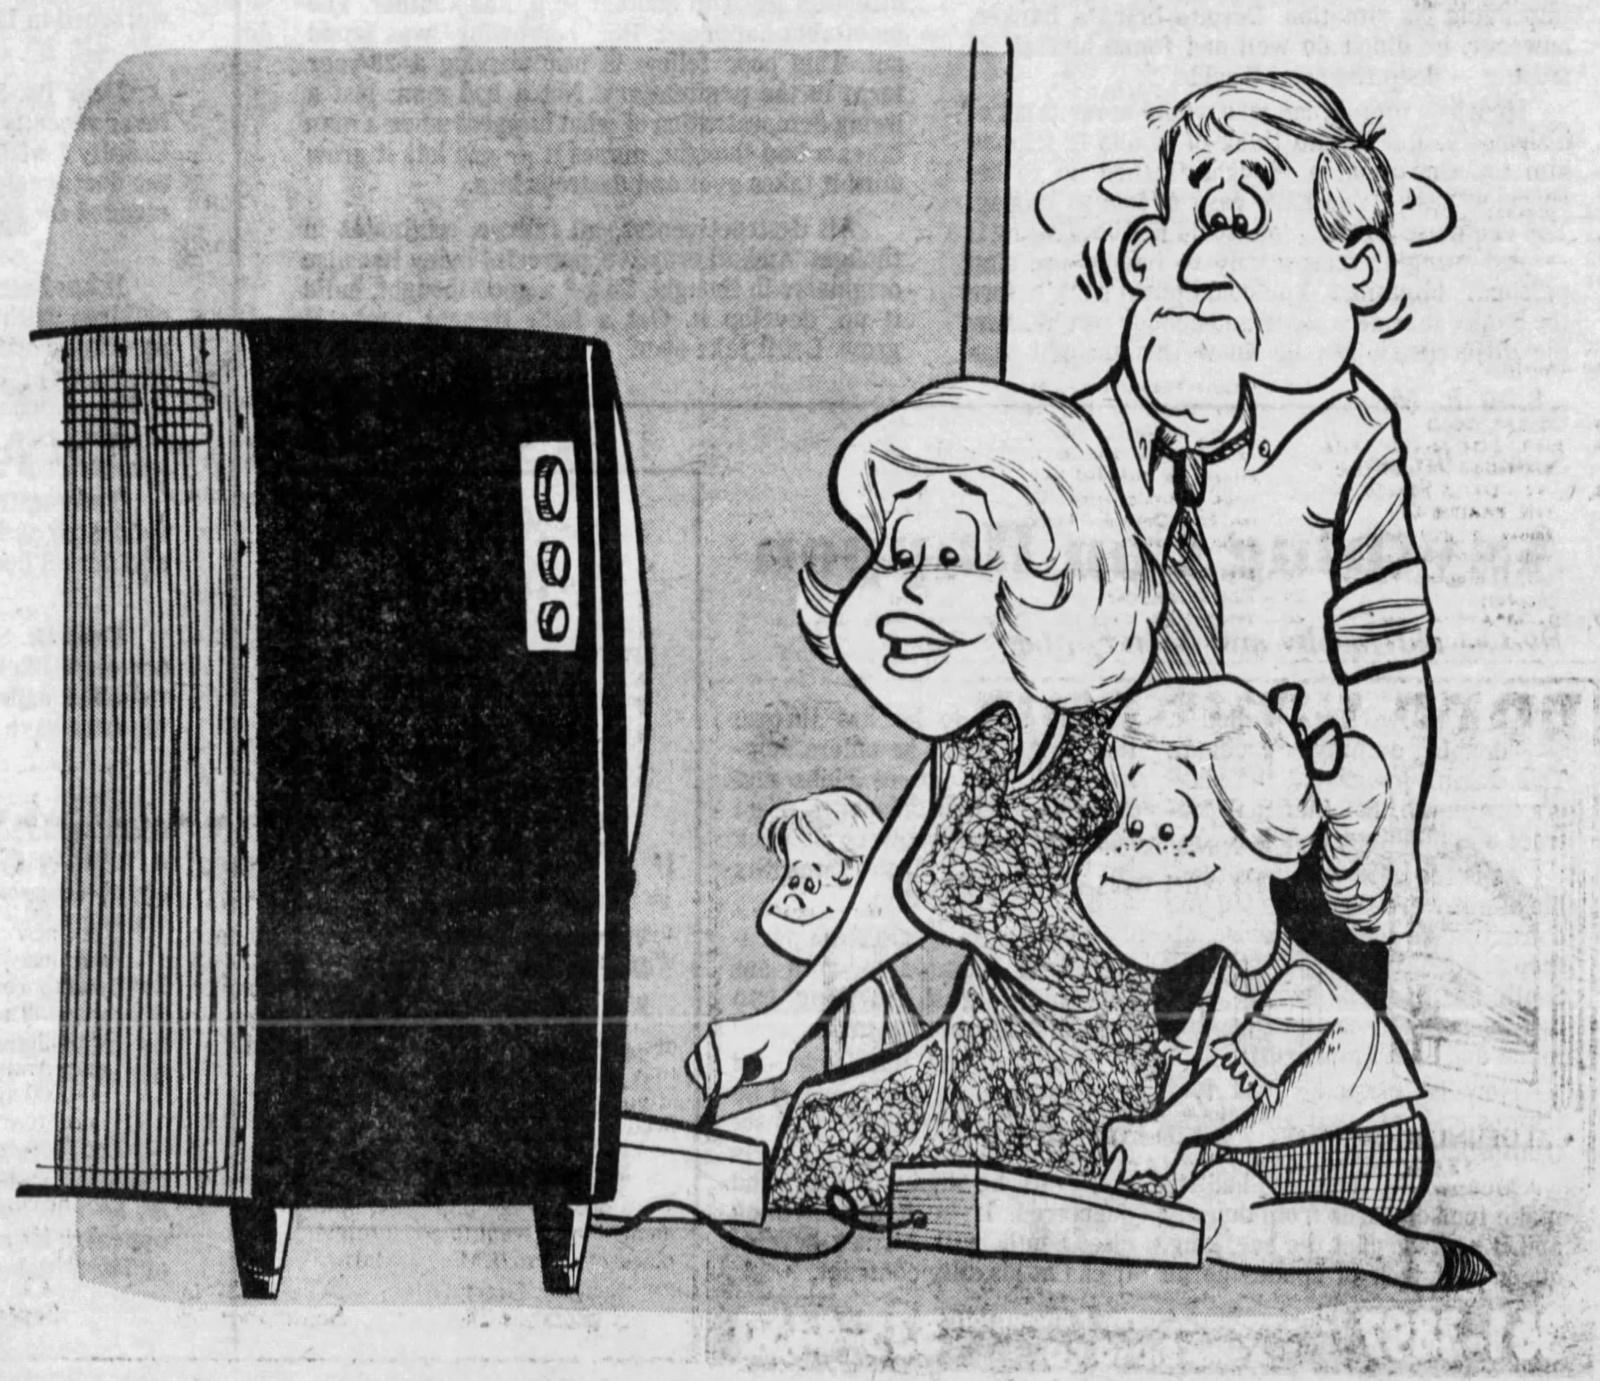 Магазинные крысы, видиоты и игроманы: пропаганда вреда видеоигр, шедшая в 80-х годах - 18